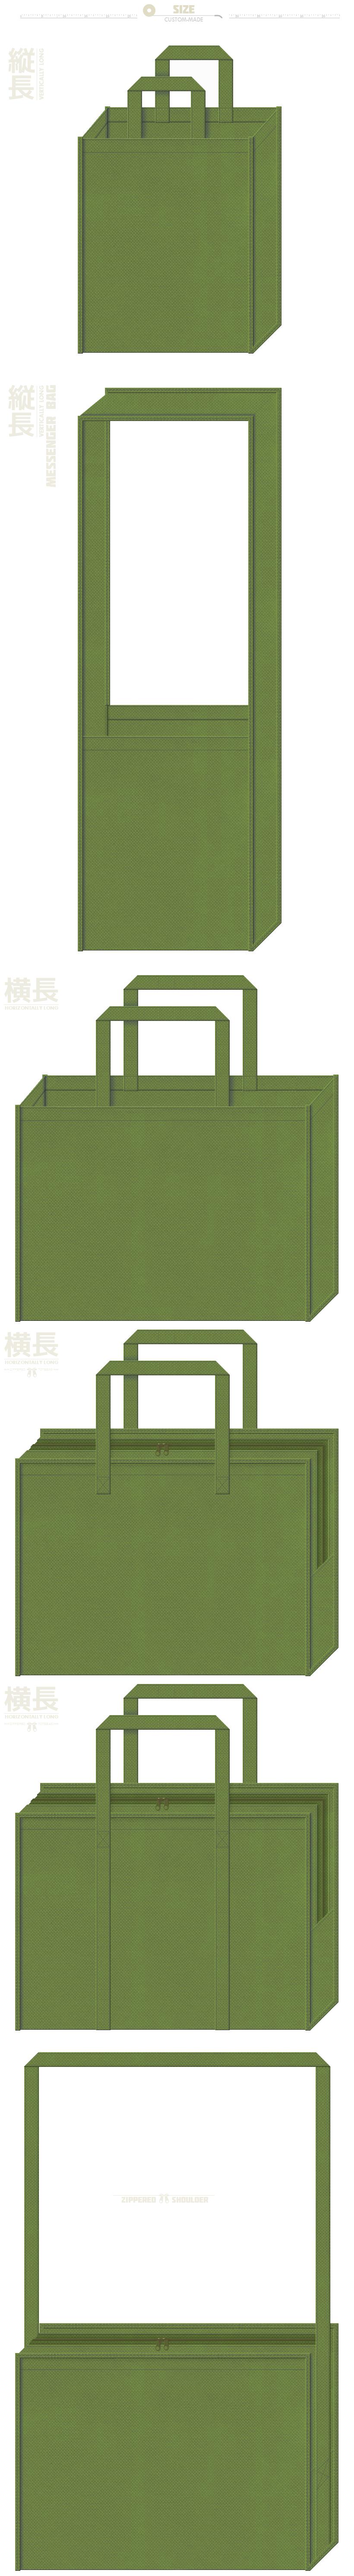 草色の不織布バッグにお奨めのイメージ:焼酎・白ワインボトル・オリーブオイル・バジルソース・書展・水墨画・抹茶・青汁・クロレラ・山椒・わさび・水草・苔